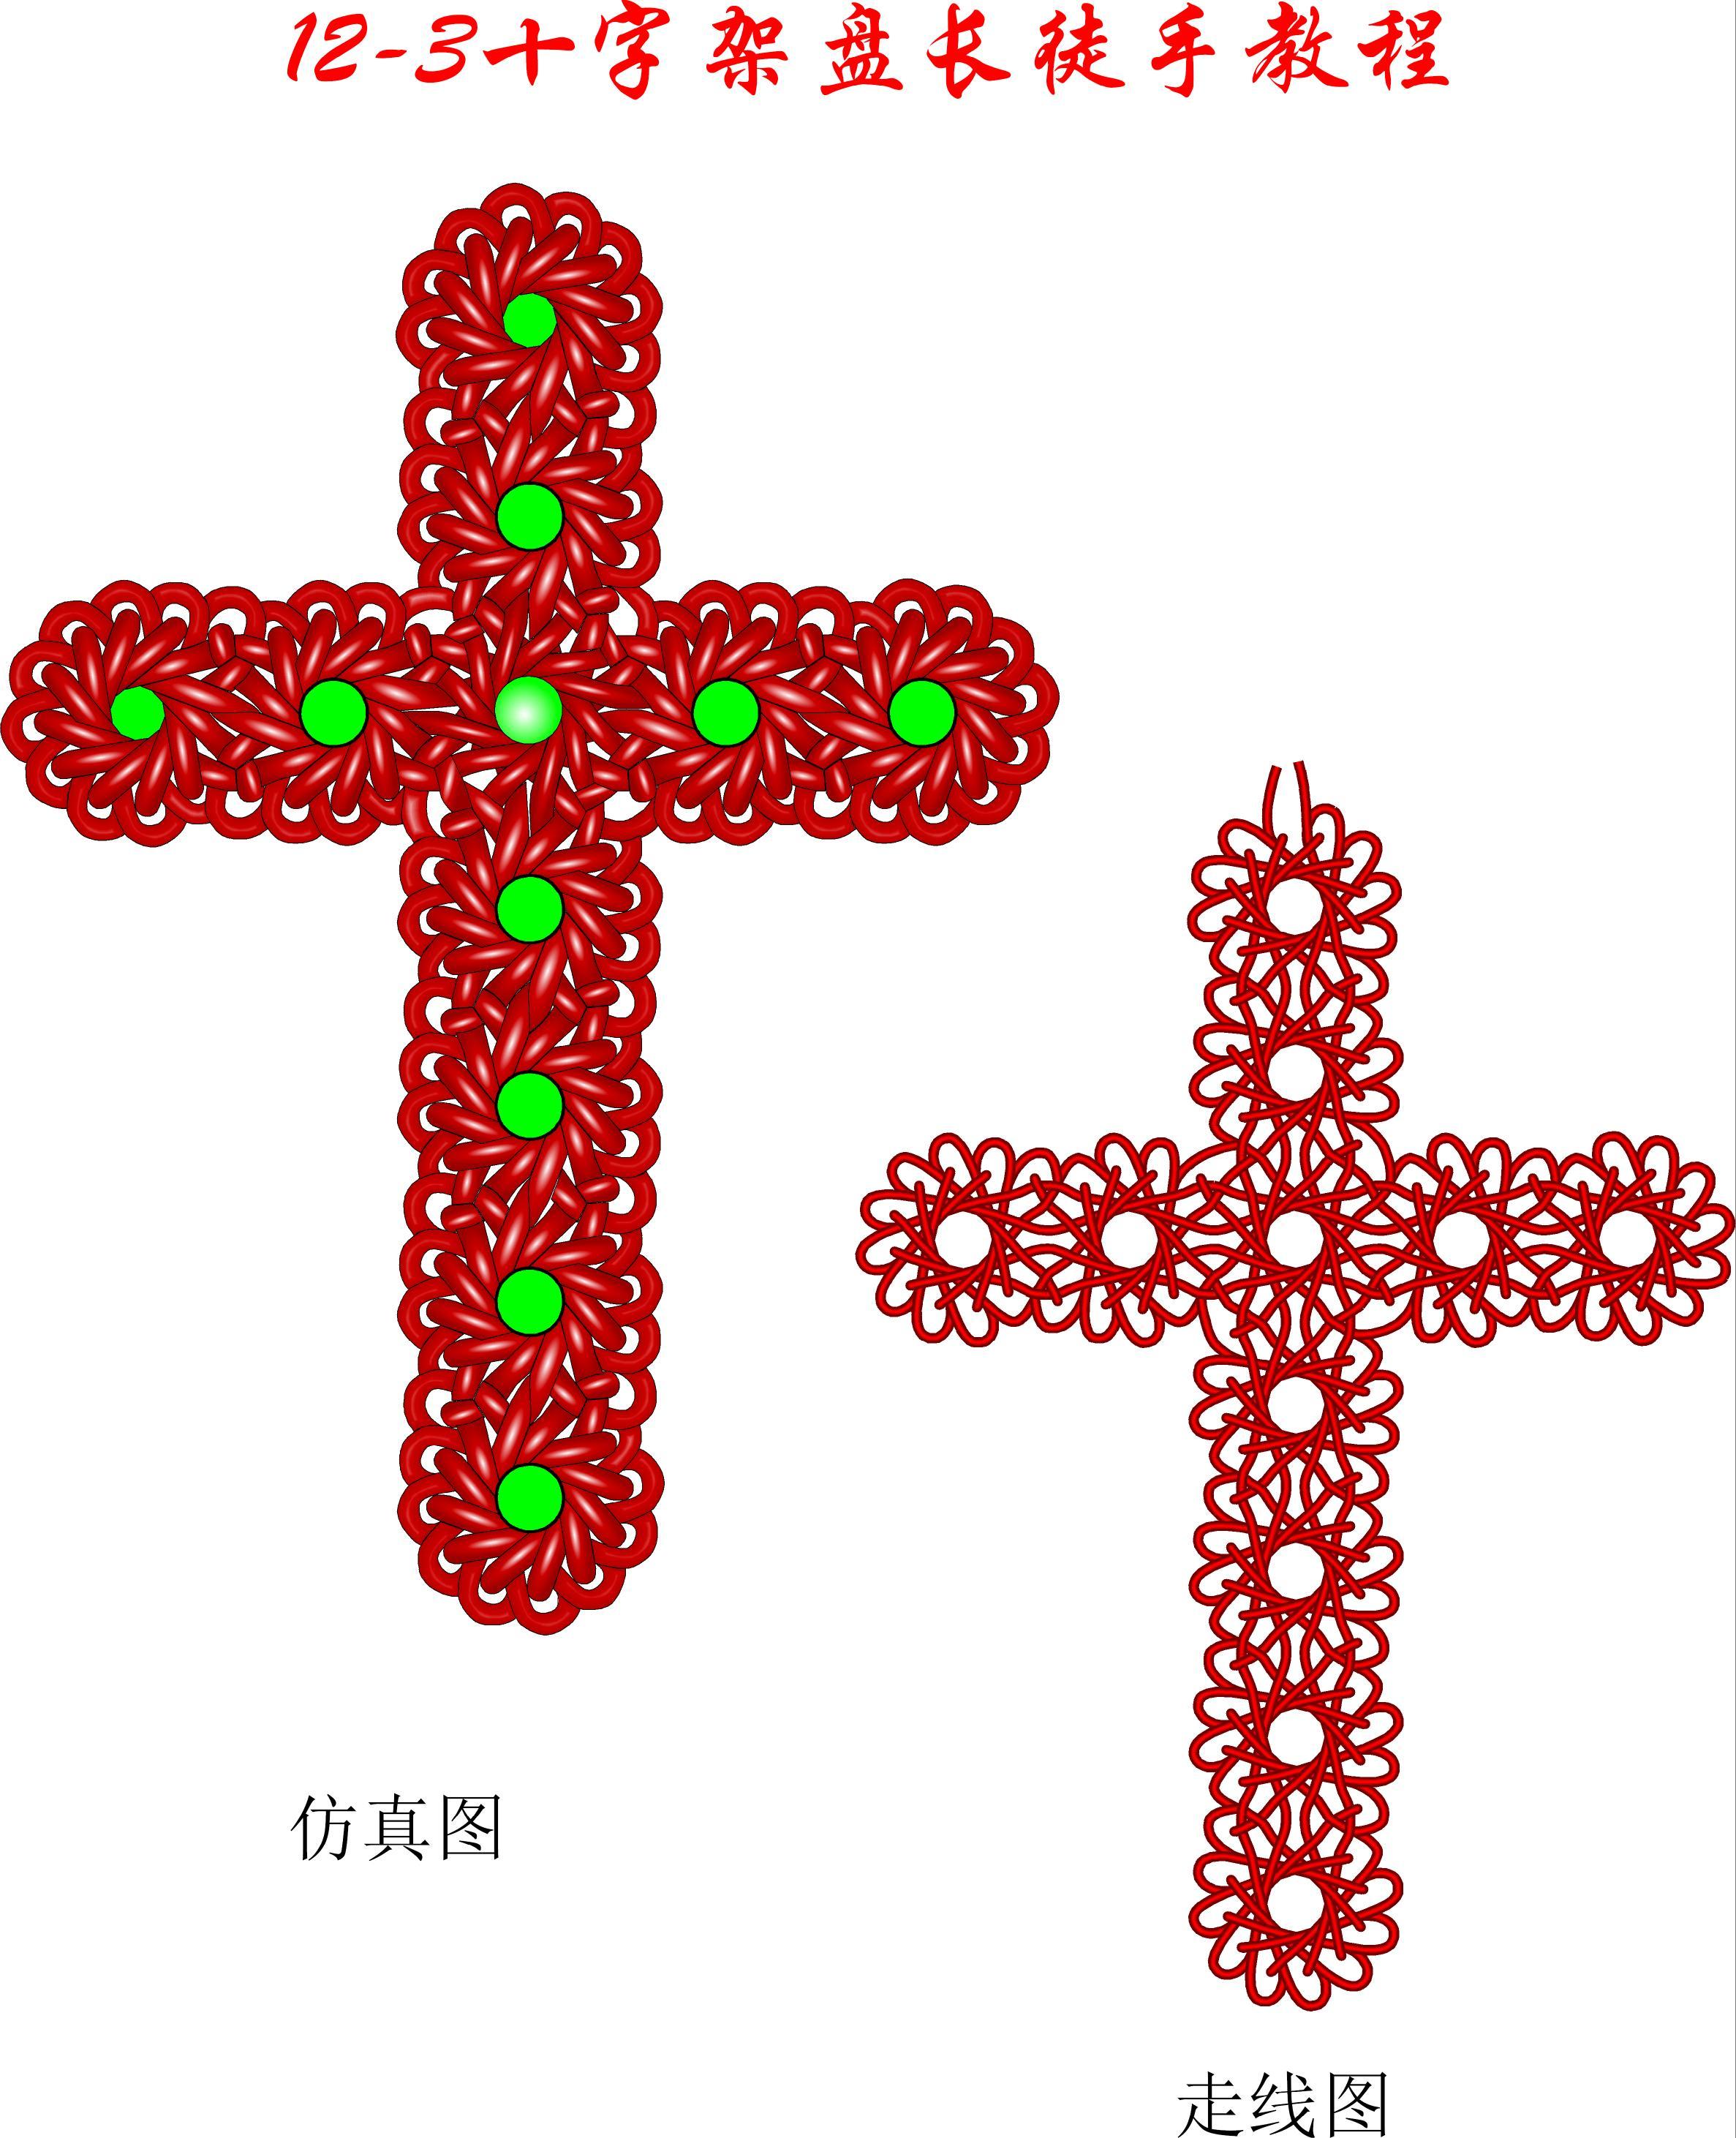 中国结论坛 12-3十字架盘长徒手教程 教程,盘纽扣结的制作方法,儿童简单的中国结编法,八盘中国结的编法图解 丑丑徒手编结 104839avz1uufm1s13sx81